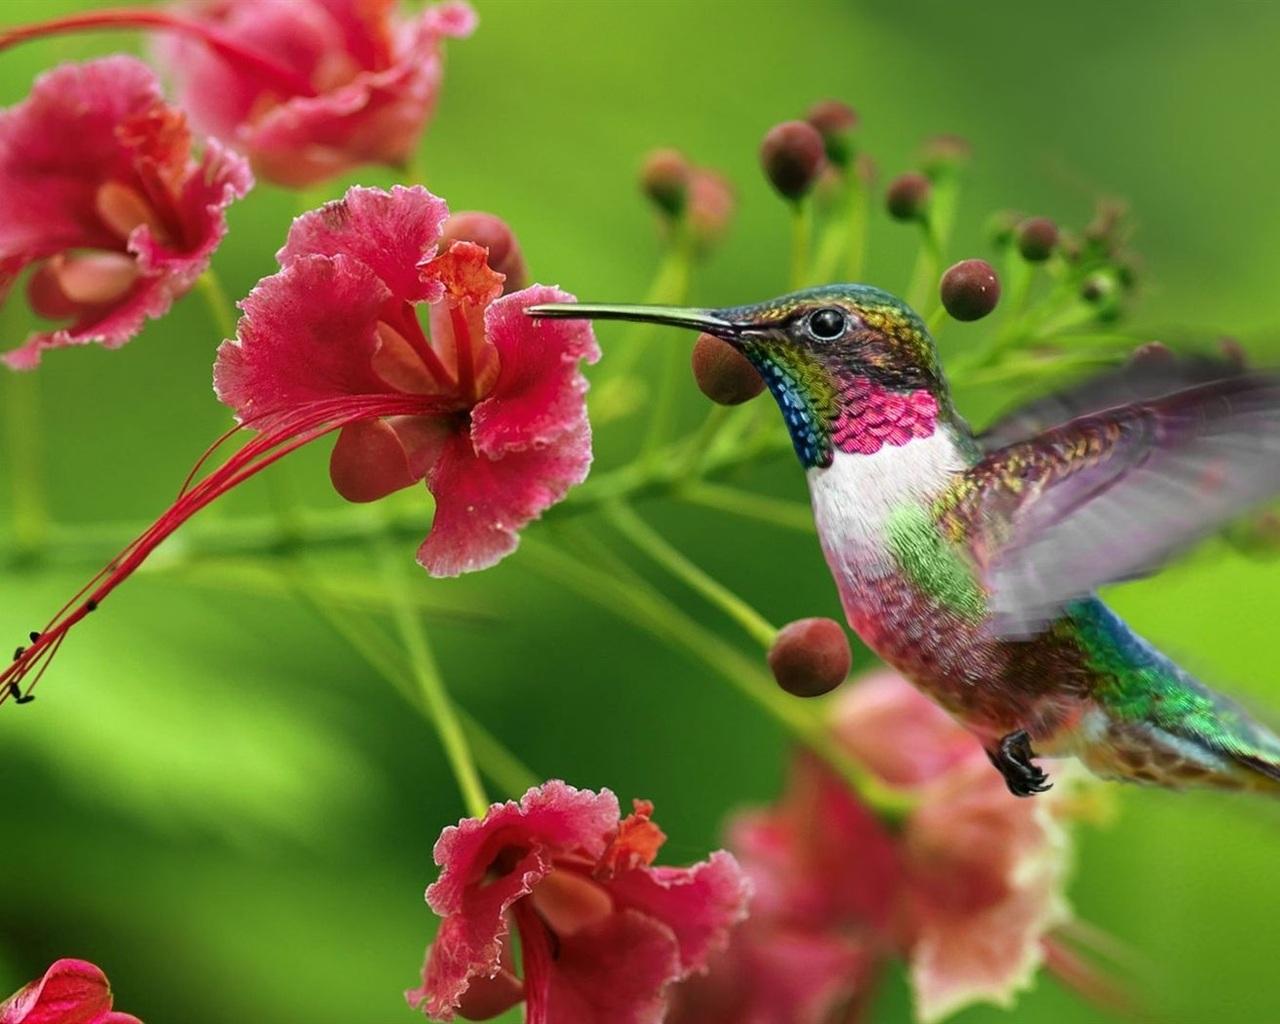 Download hintergrundbilder 1280x1024 kolibri blumen for Fliegen in blumen